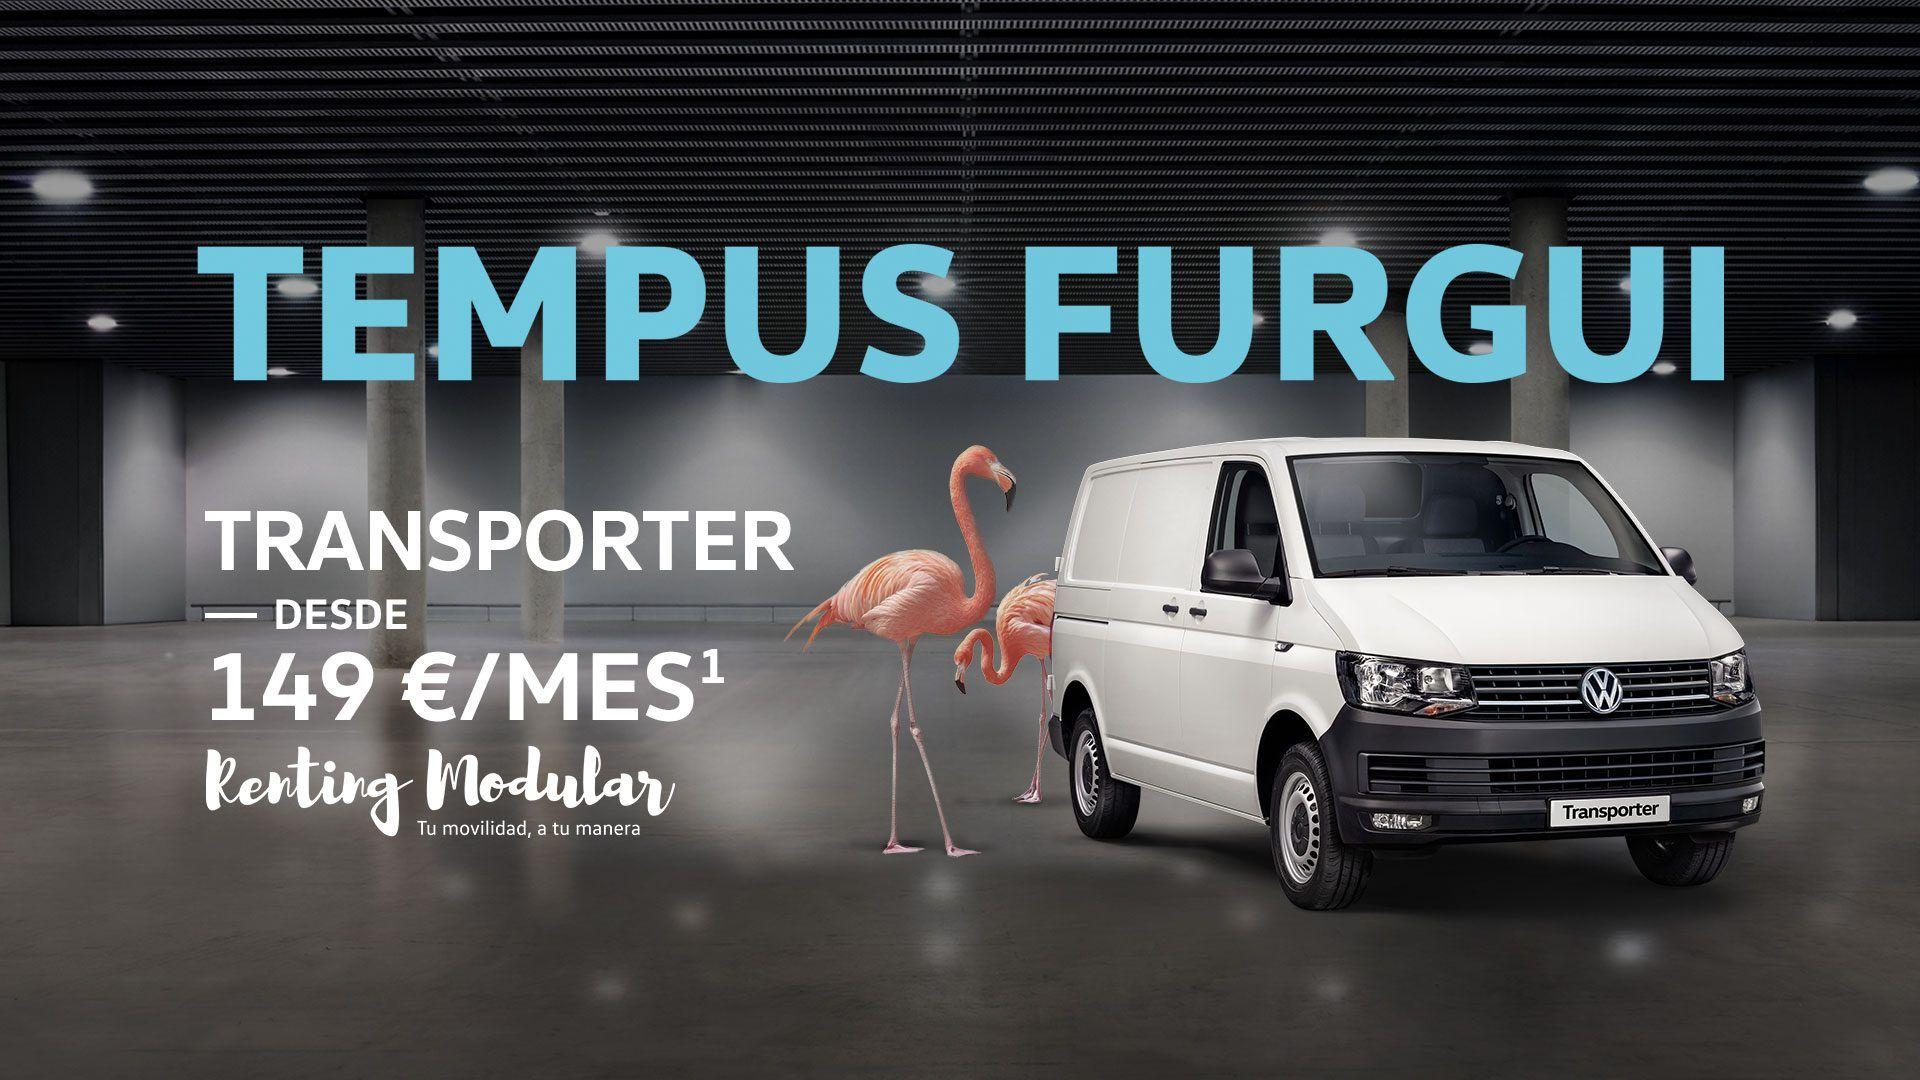 Transporter furgón desde 149€/Mes